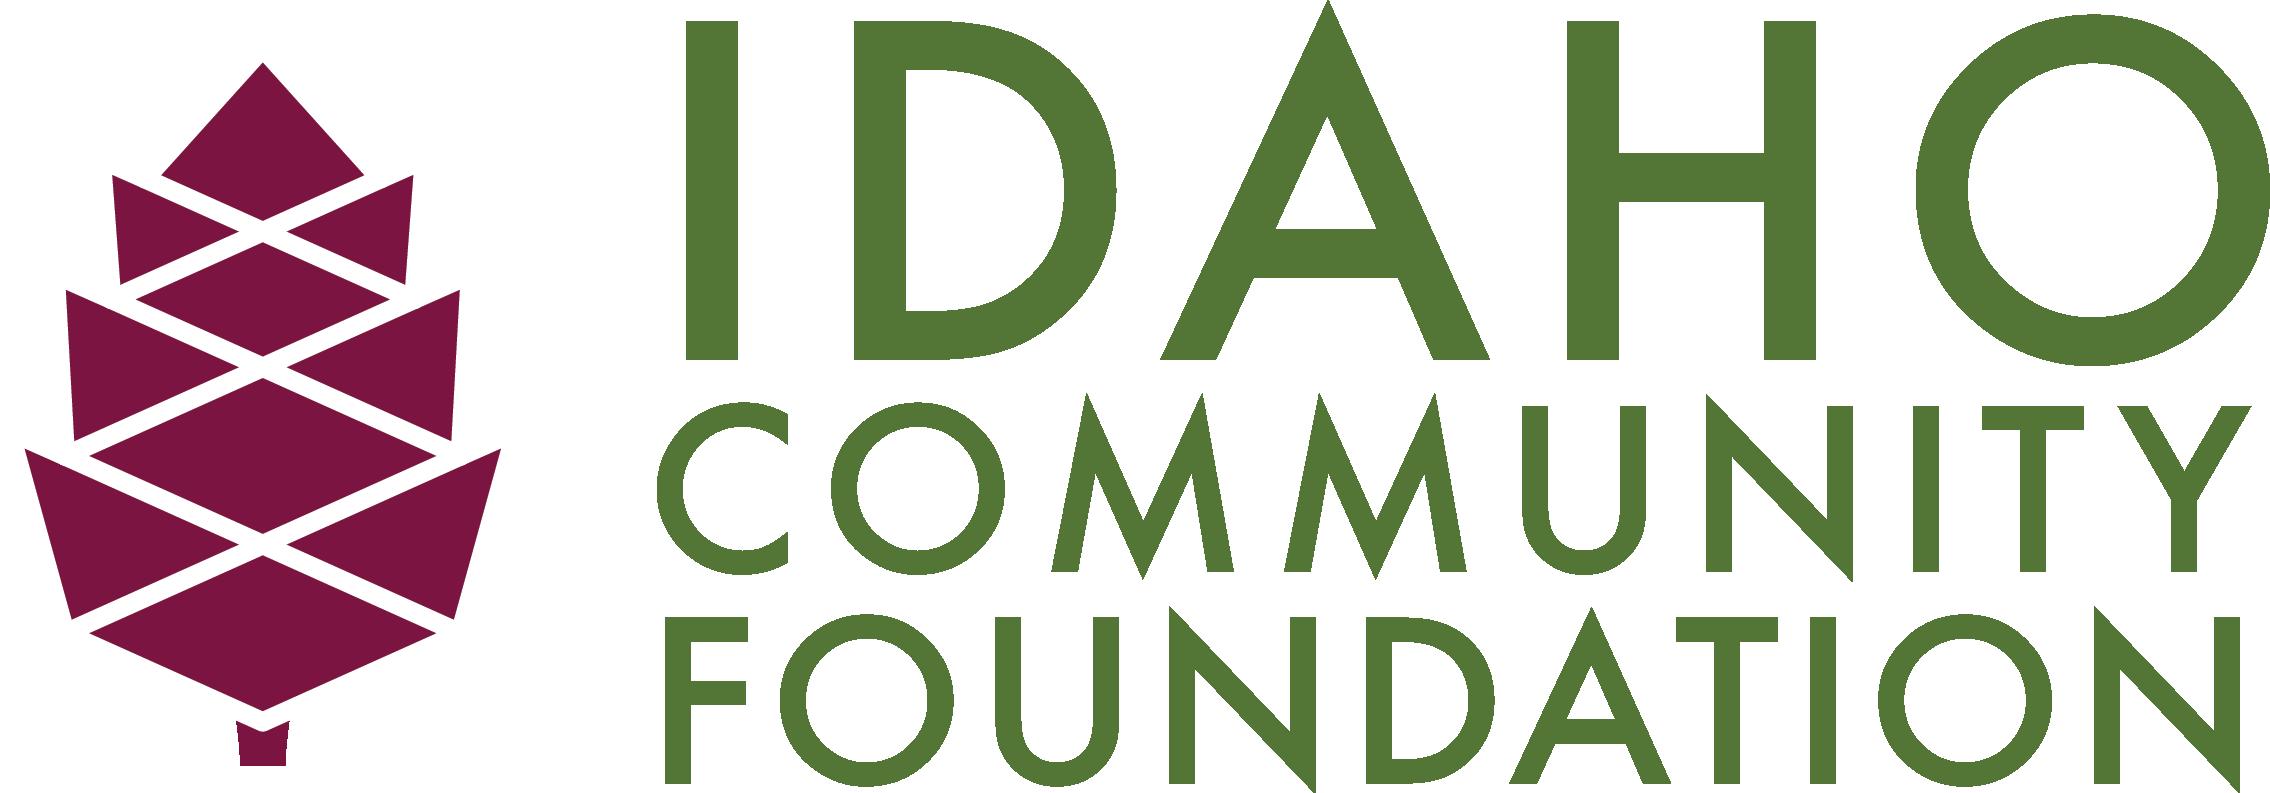 Idaho Community Foundation Logo.jpg